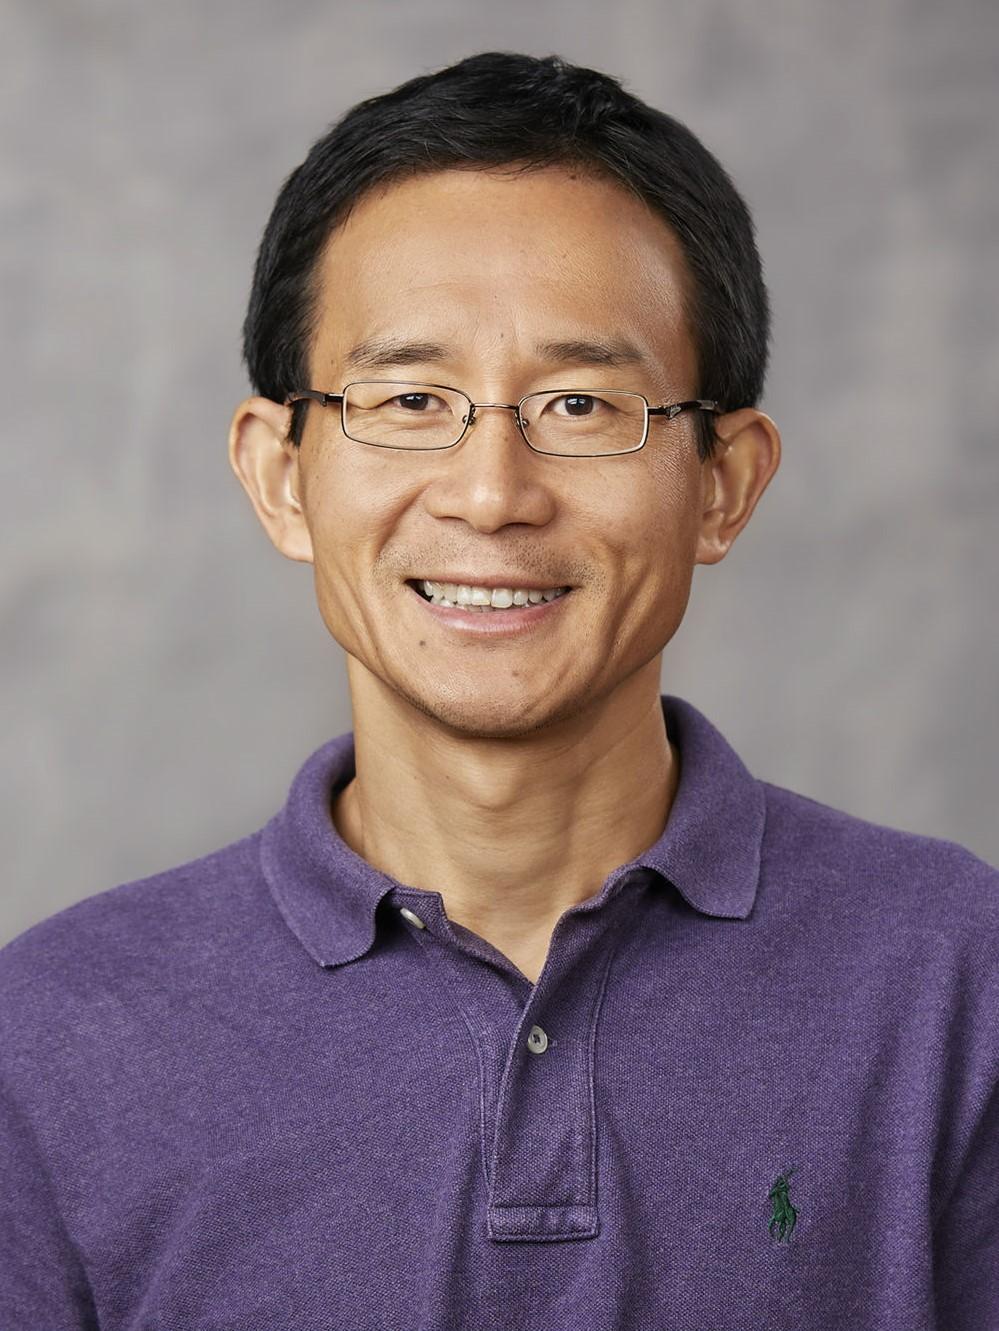 Xiaolin Cheng